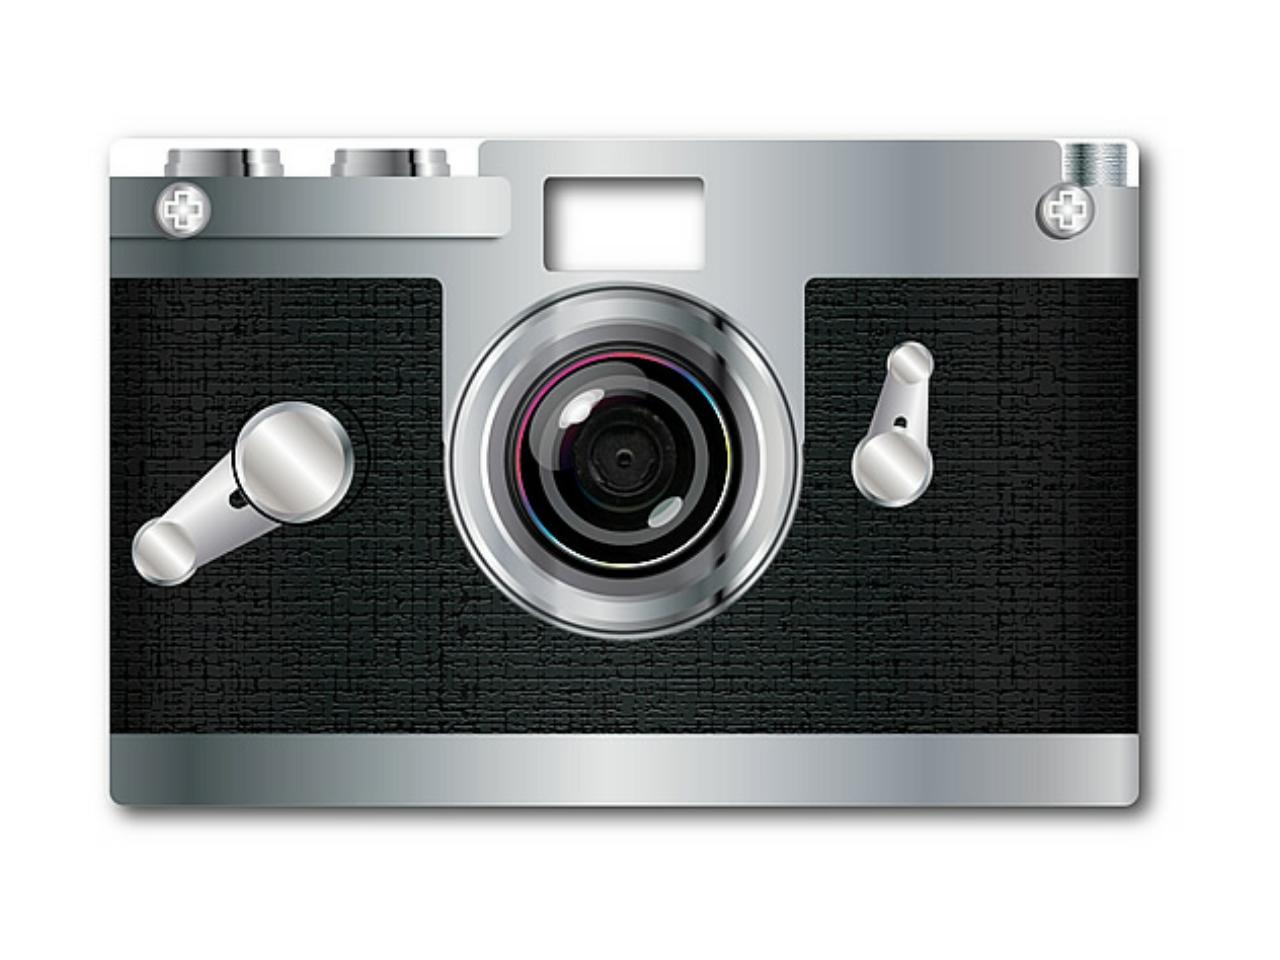 紙製ボディの超薄型デジタルカメラ「Papershoot」が話題に